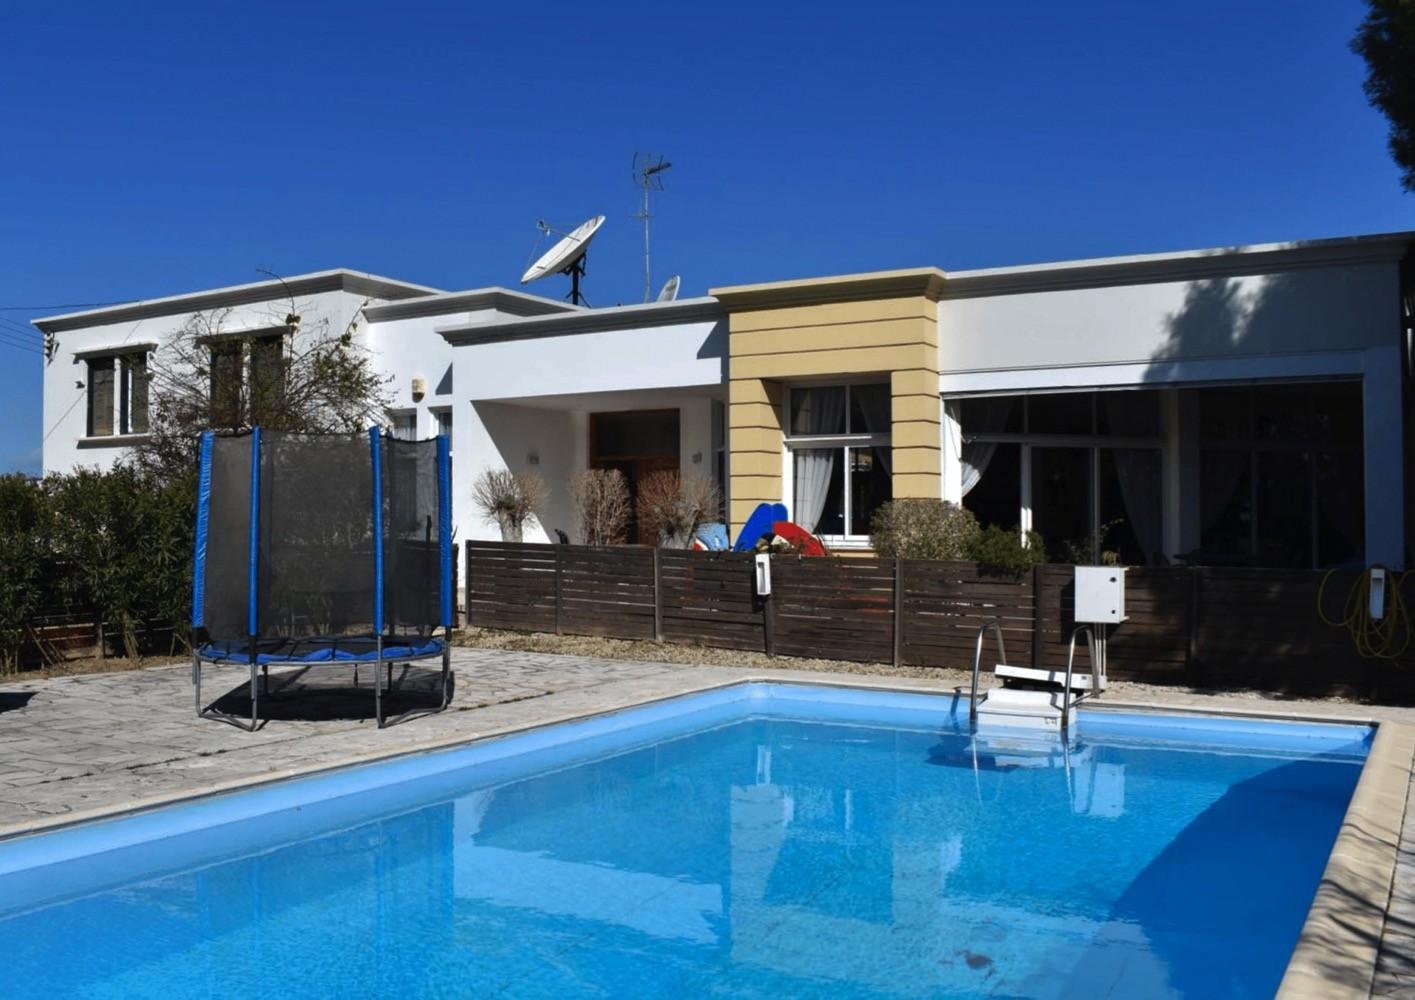 House in Egkomi for Sale  4 Bedrooms 2 Bathrooms 396 SqMt Eg.....